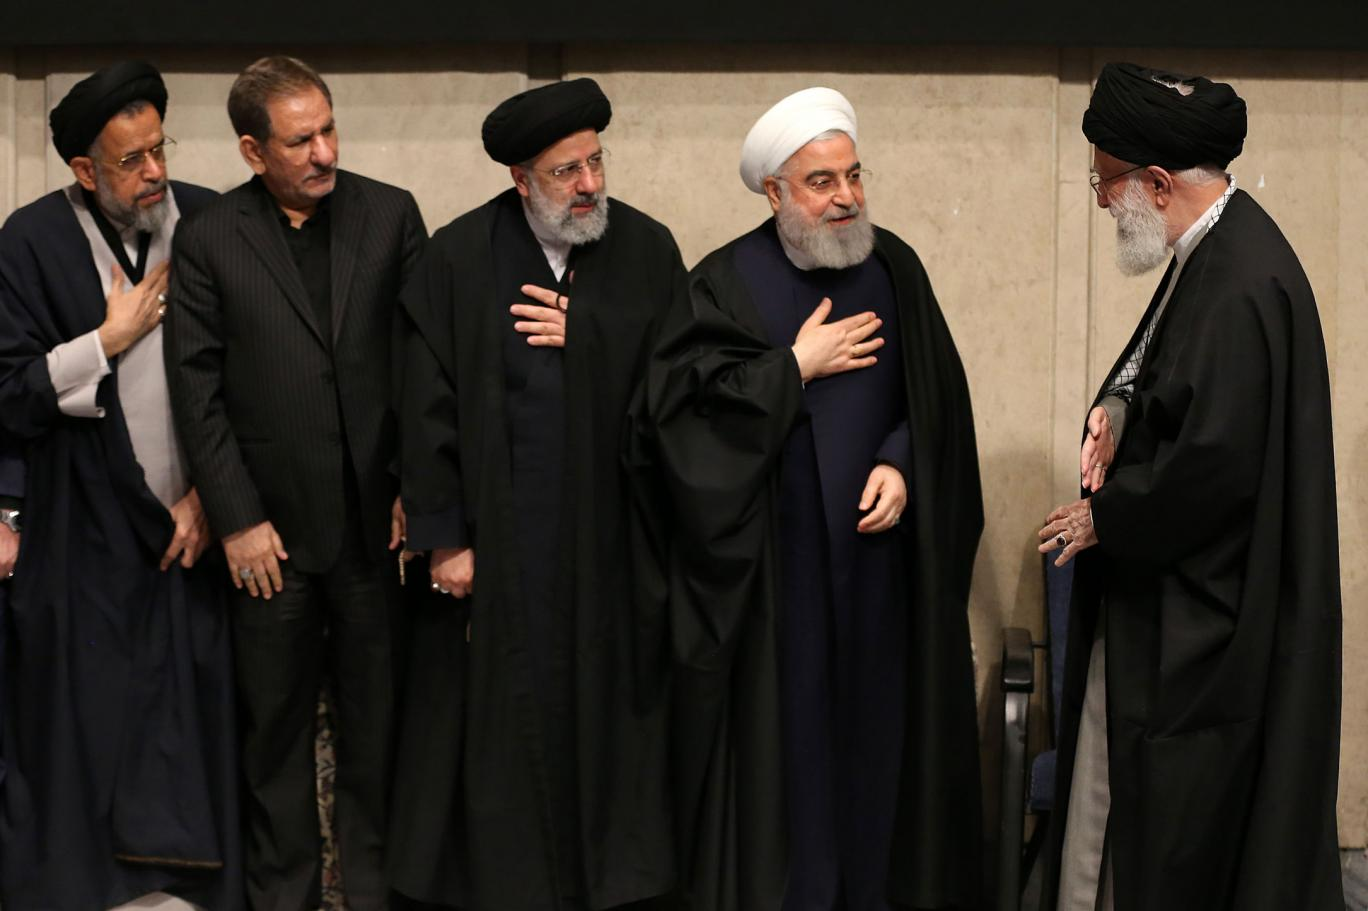 سهم خامنهای از ثروت ایران چقدر است؟